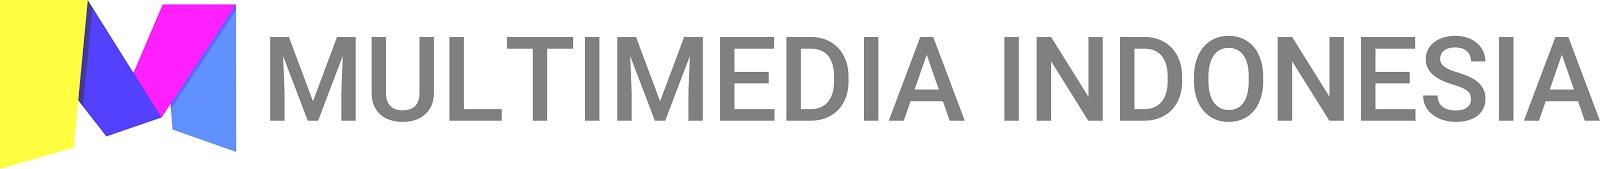 Multimedia Indonesia